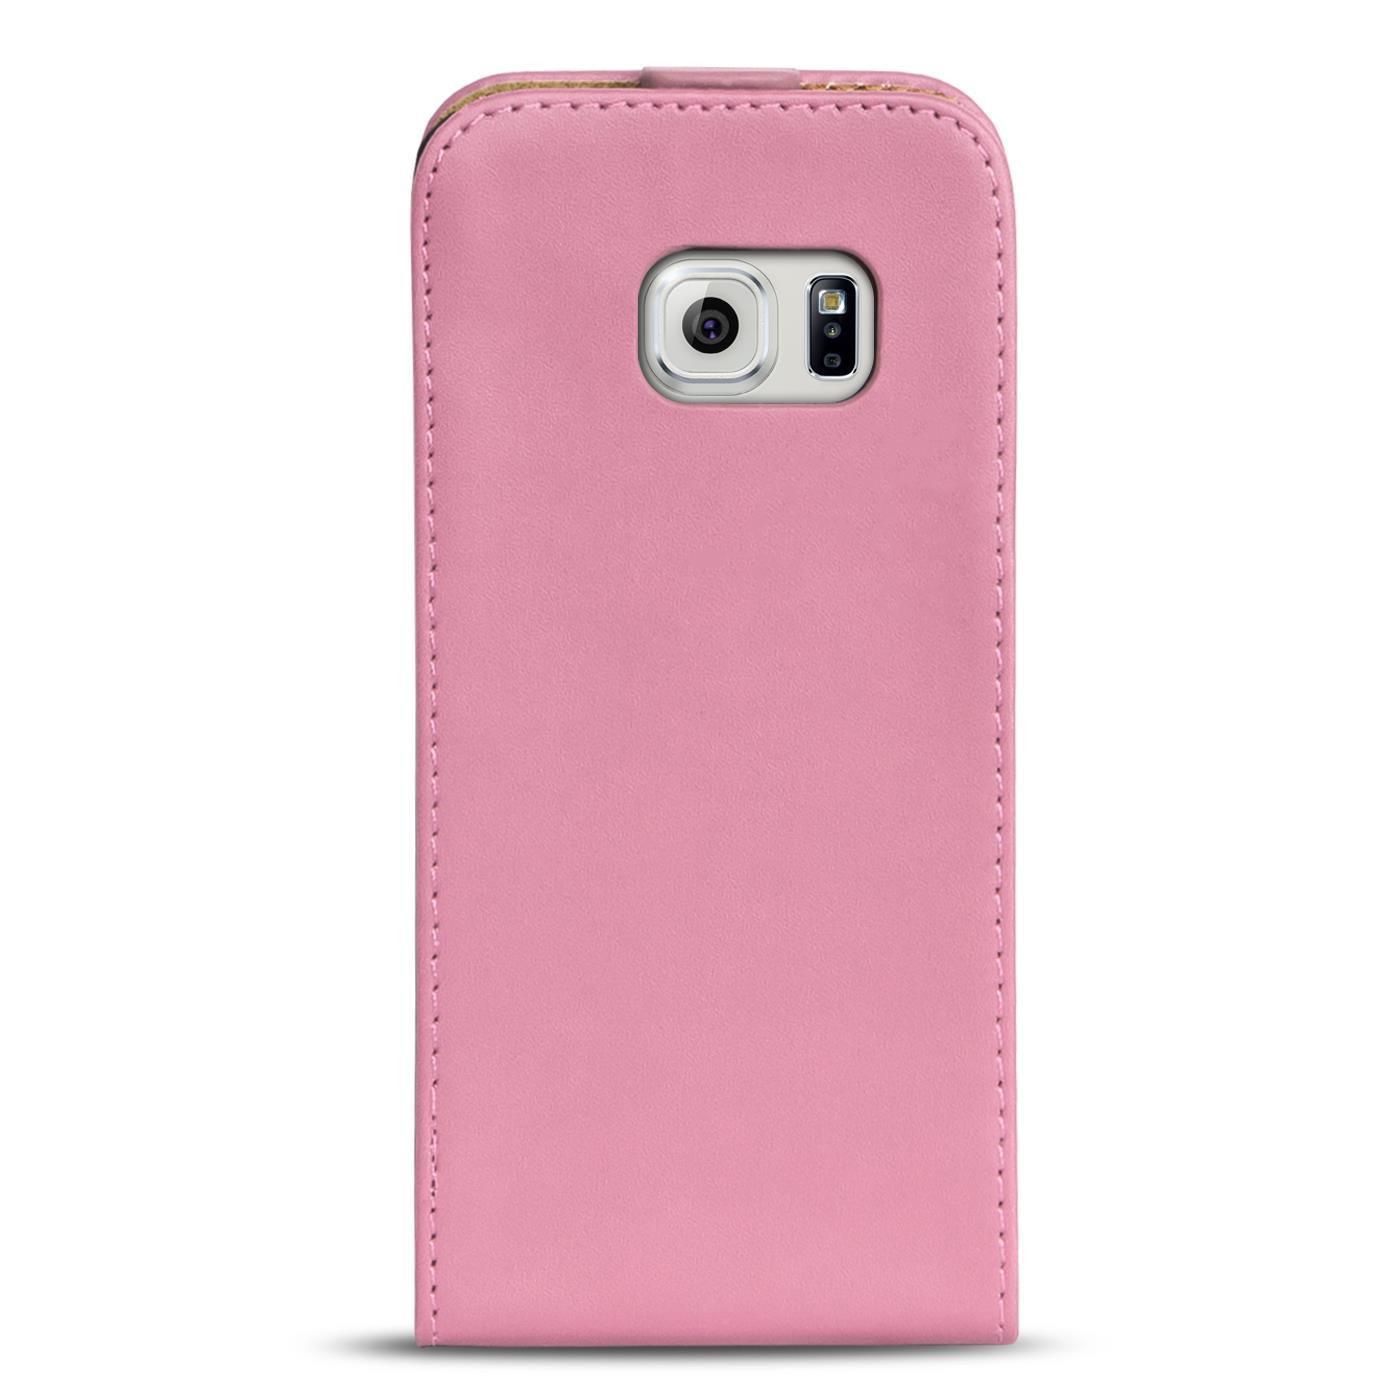 Klapphuelle-Samsung-Galaxy-Flip-Case-Tasche-Schutzhuelle-Cover-Schutz-Handy-Huelle Indexbild 61